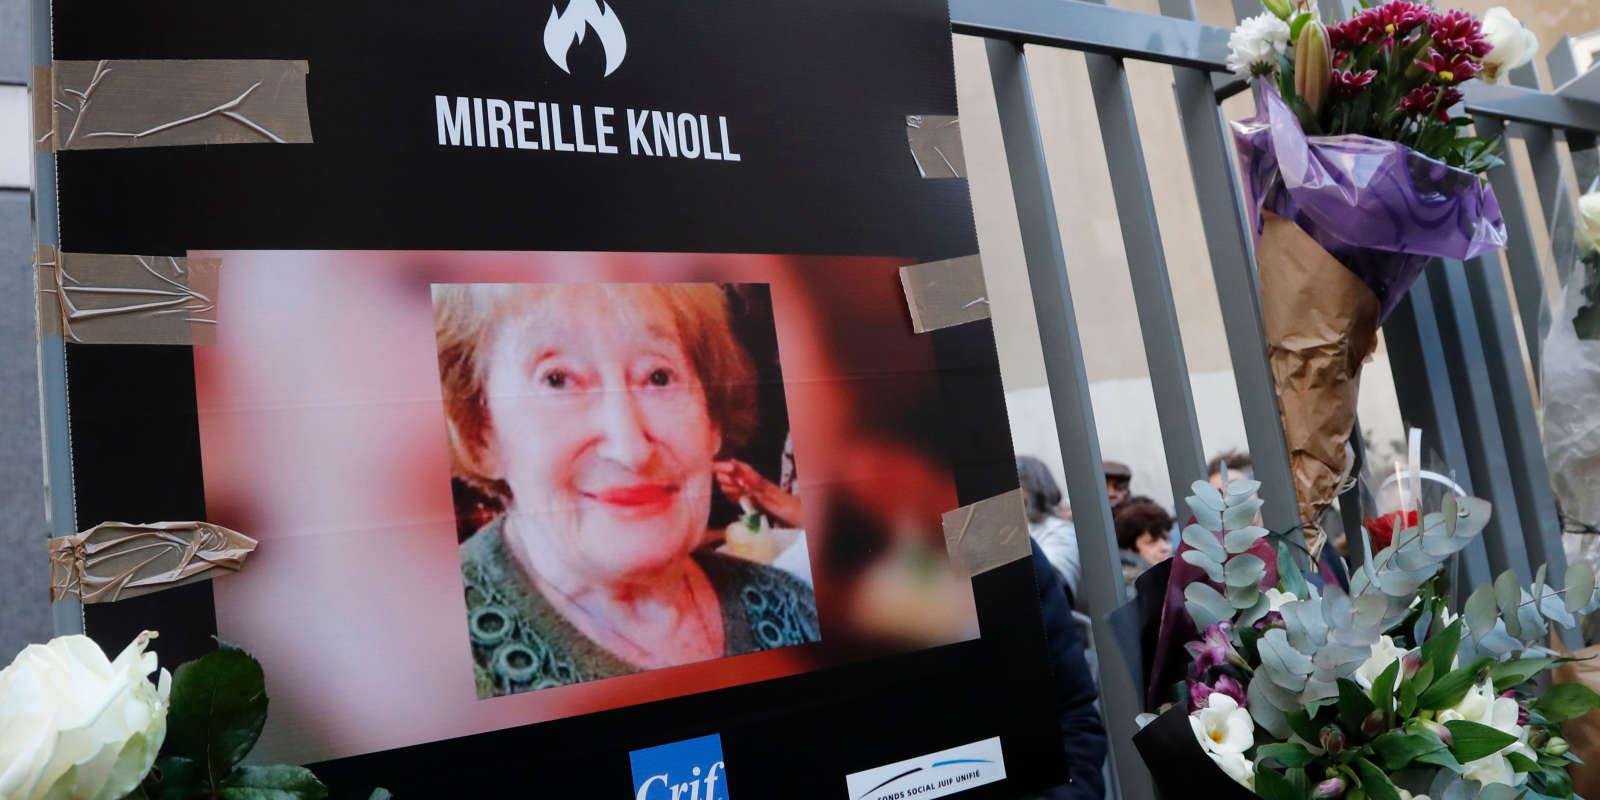 Photographie de Mireille Knoll devant l'immeuble du 11e arrondissement de Paris où elle résidait.